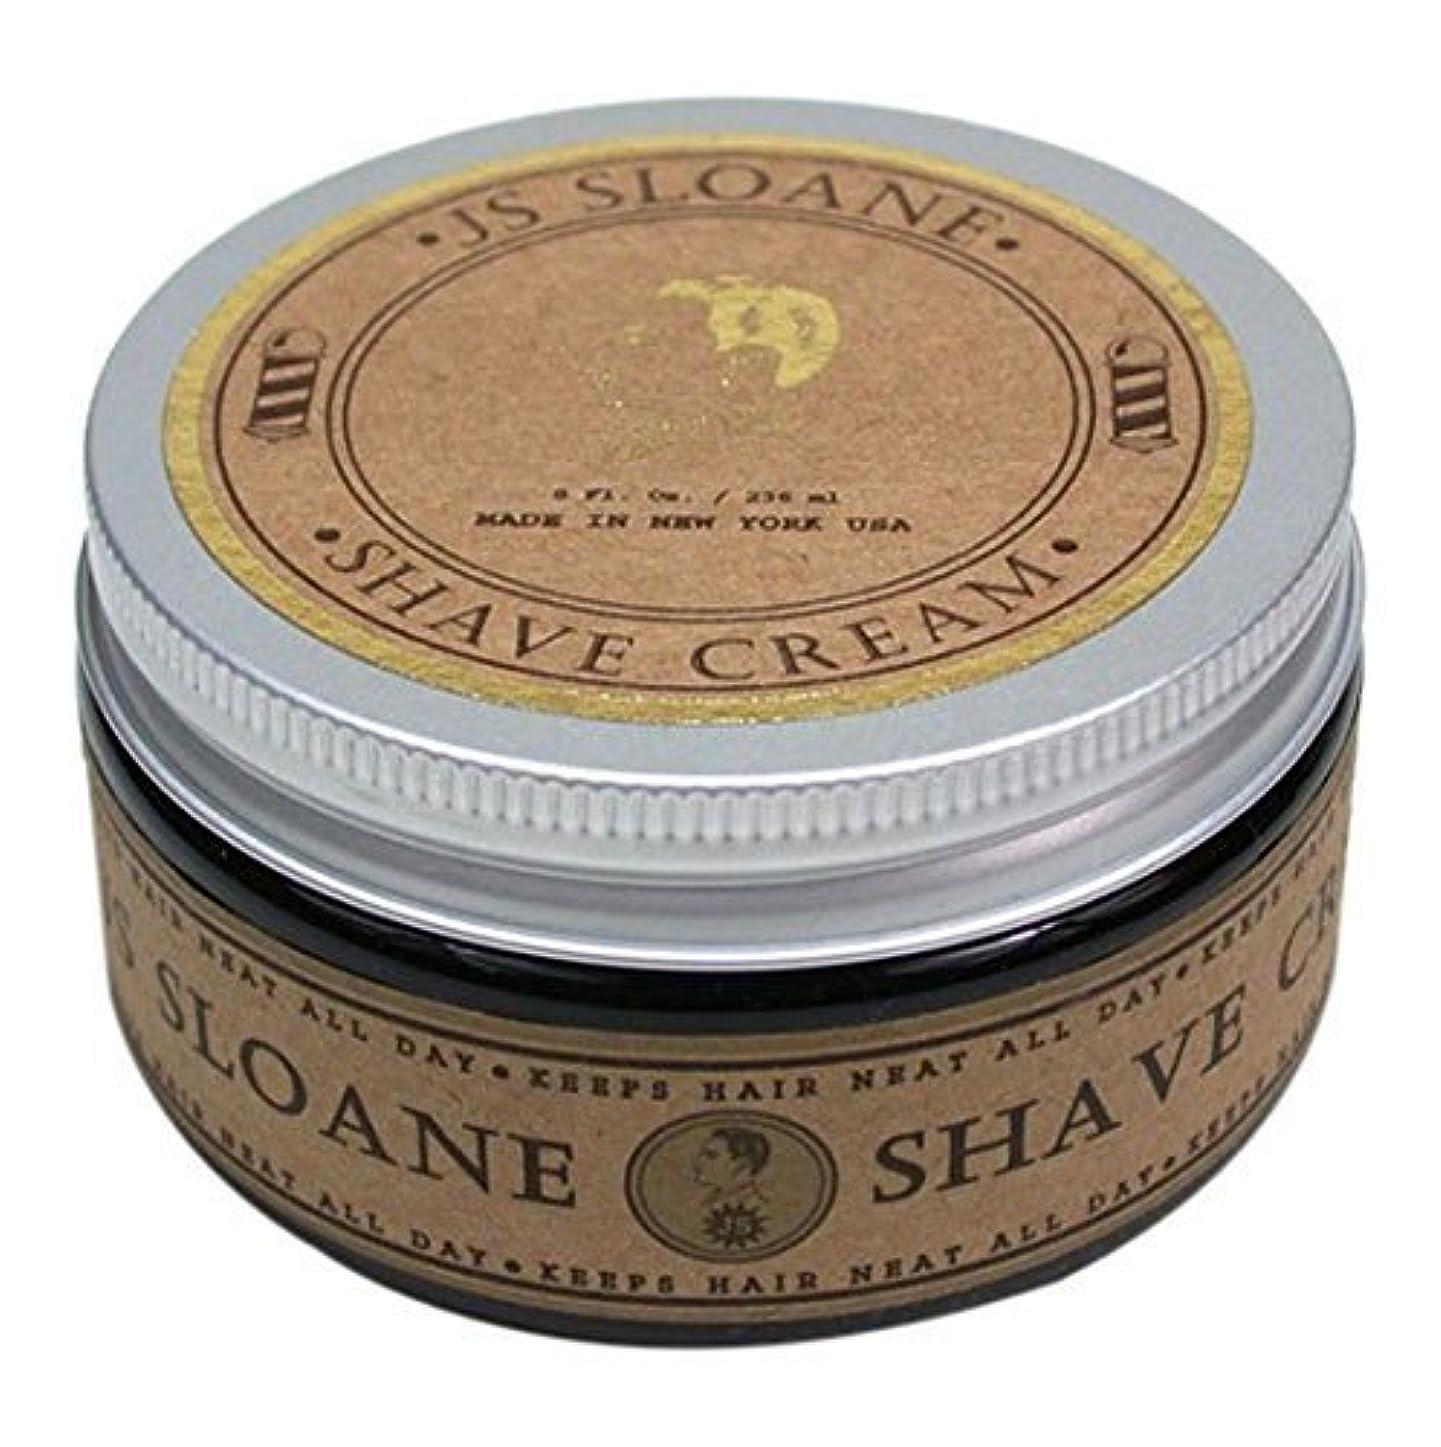 グリーンバック緯度失効JS Sloane ジェントルマンズ シェーブクリーム / Gentlemen's Shave Cream , 8oz (236mL)